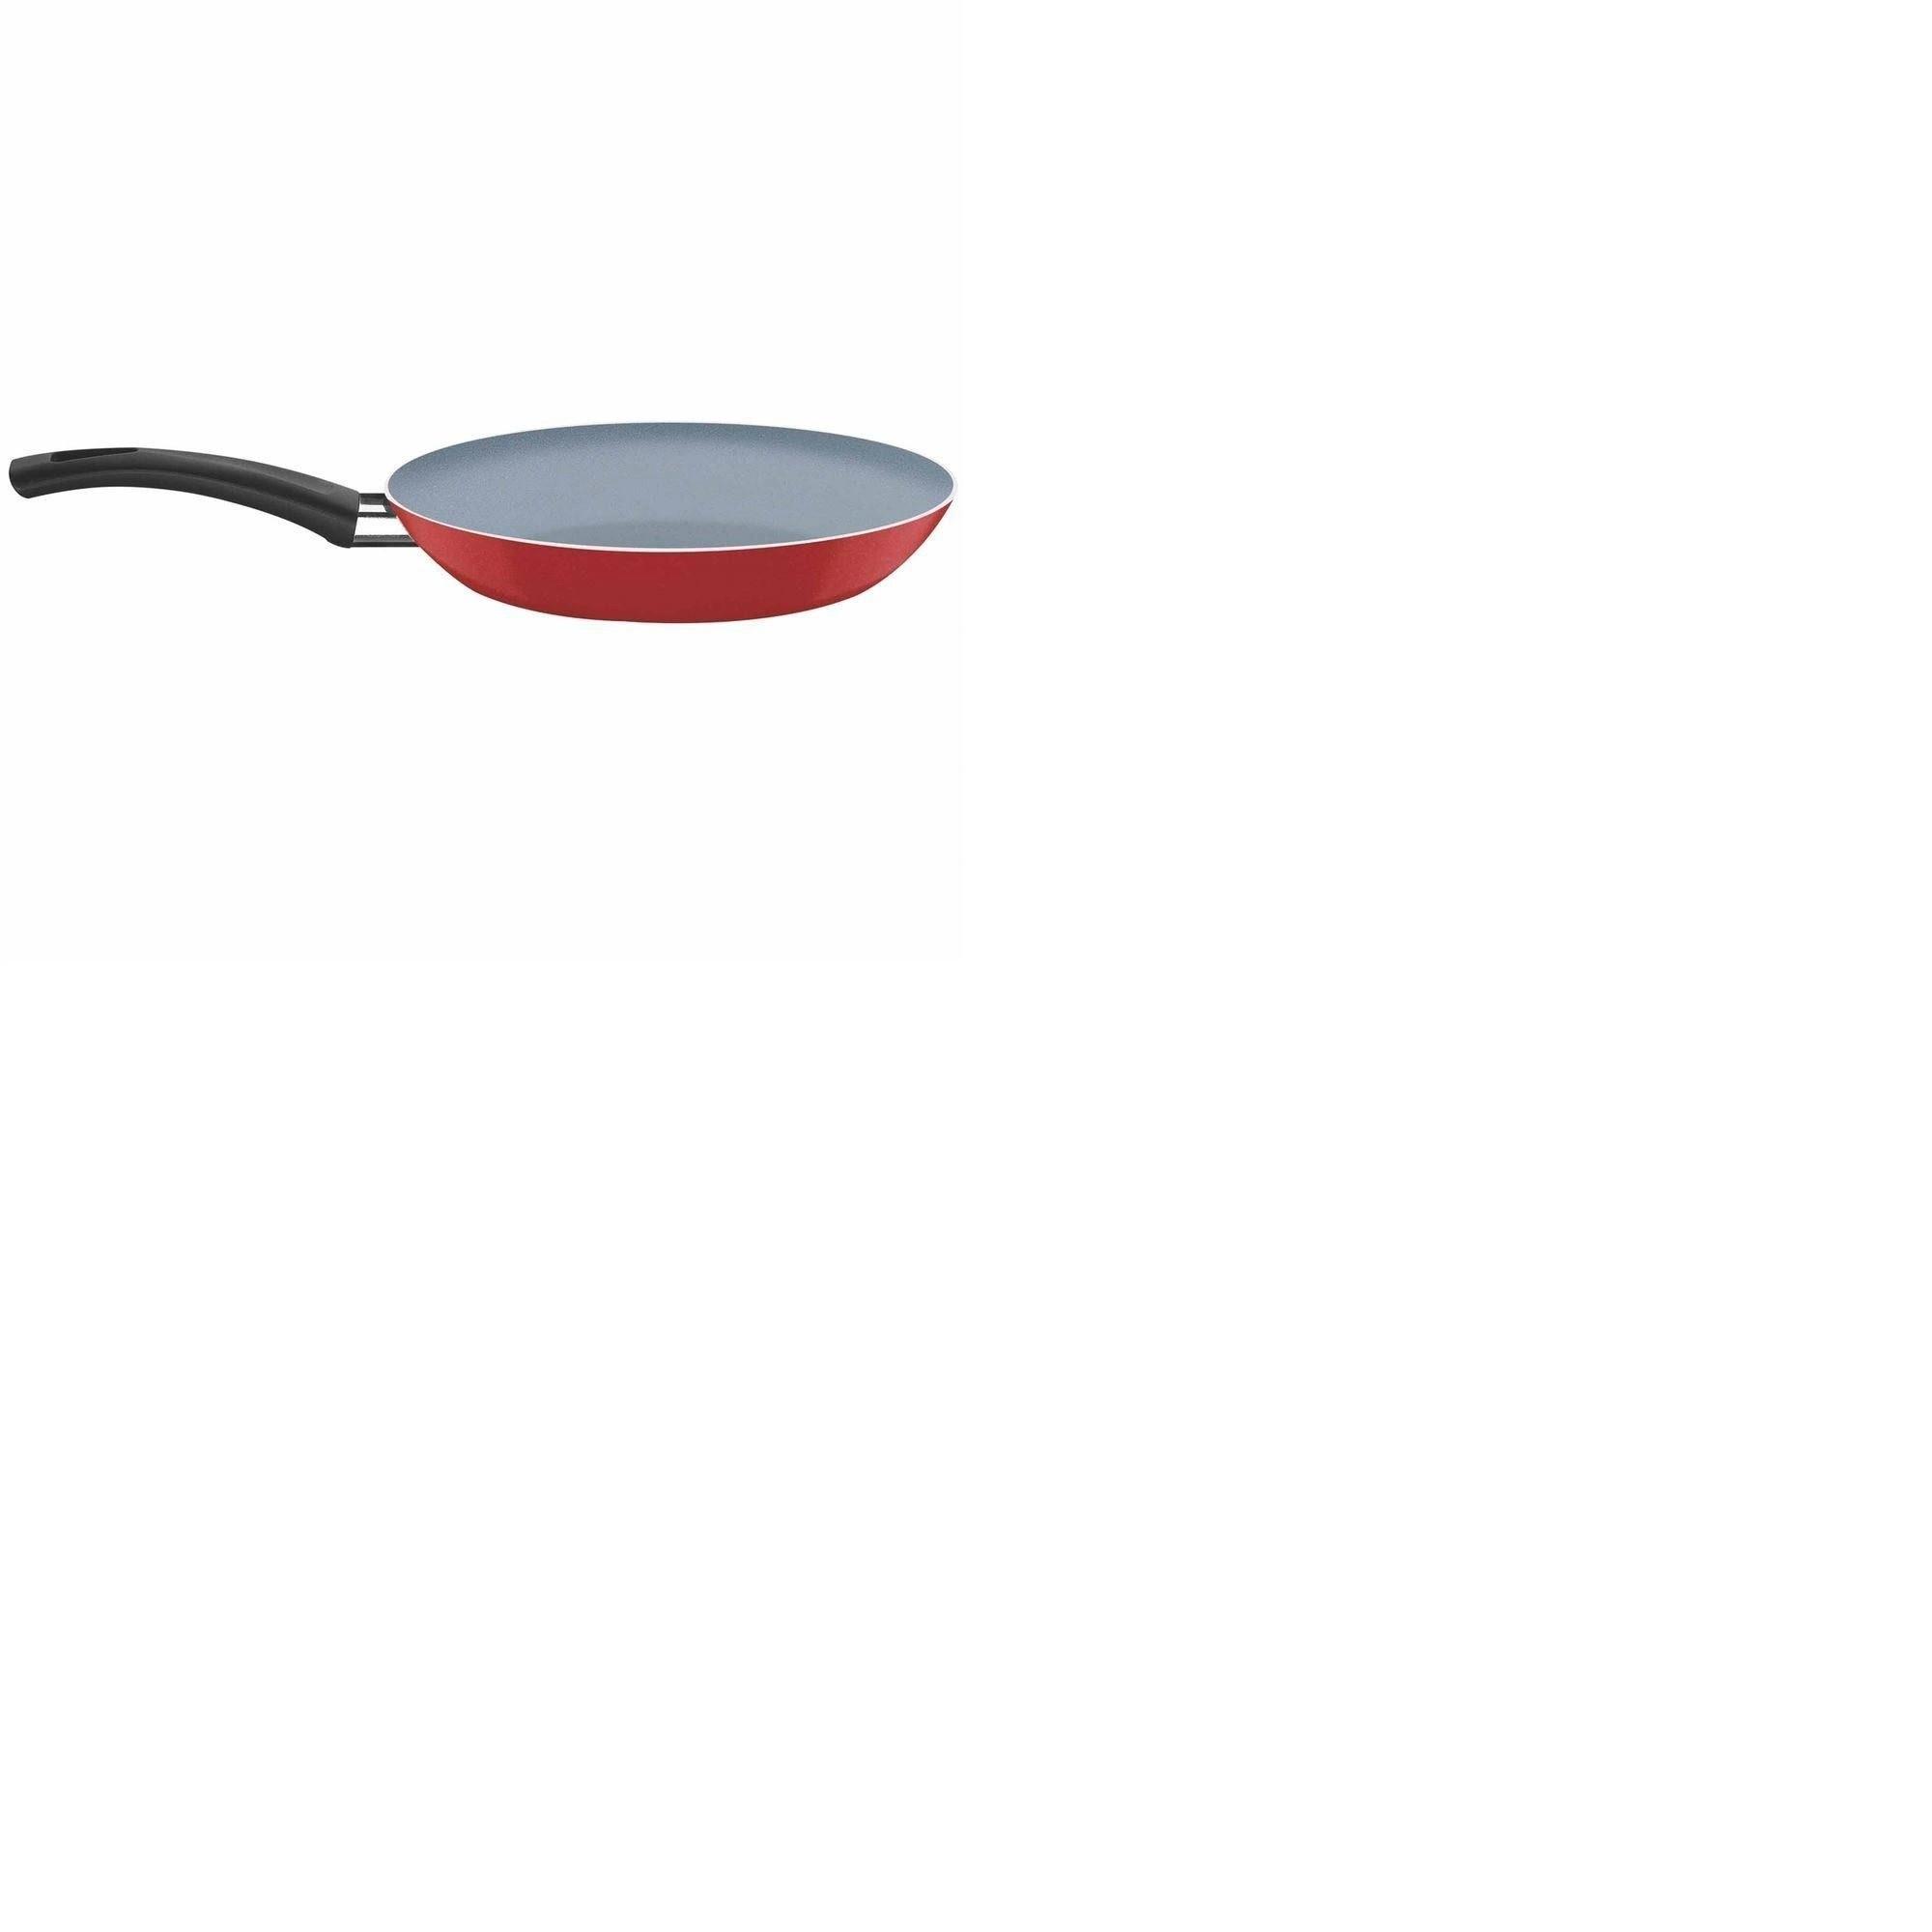 Frigideira Com Revestimento Interno Cerâmico e Externo em Silicone Vermelho 28 cm 2 L Tramontina